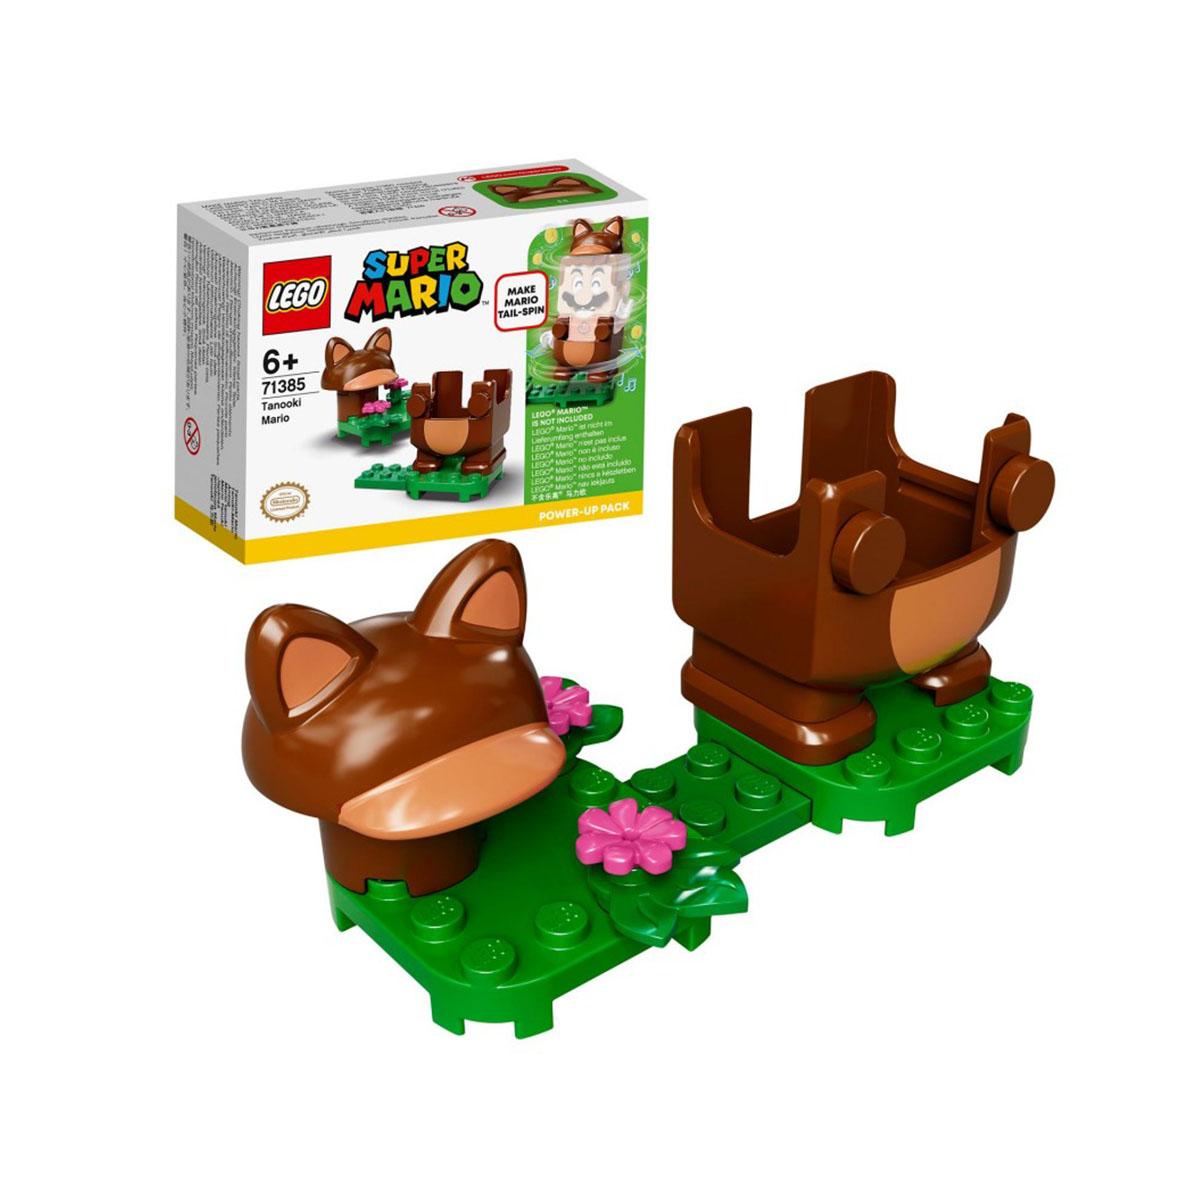 ლეგოს კუბიკები Tanooki Mario Power-Up Pack LEGO 188023